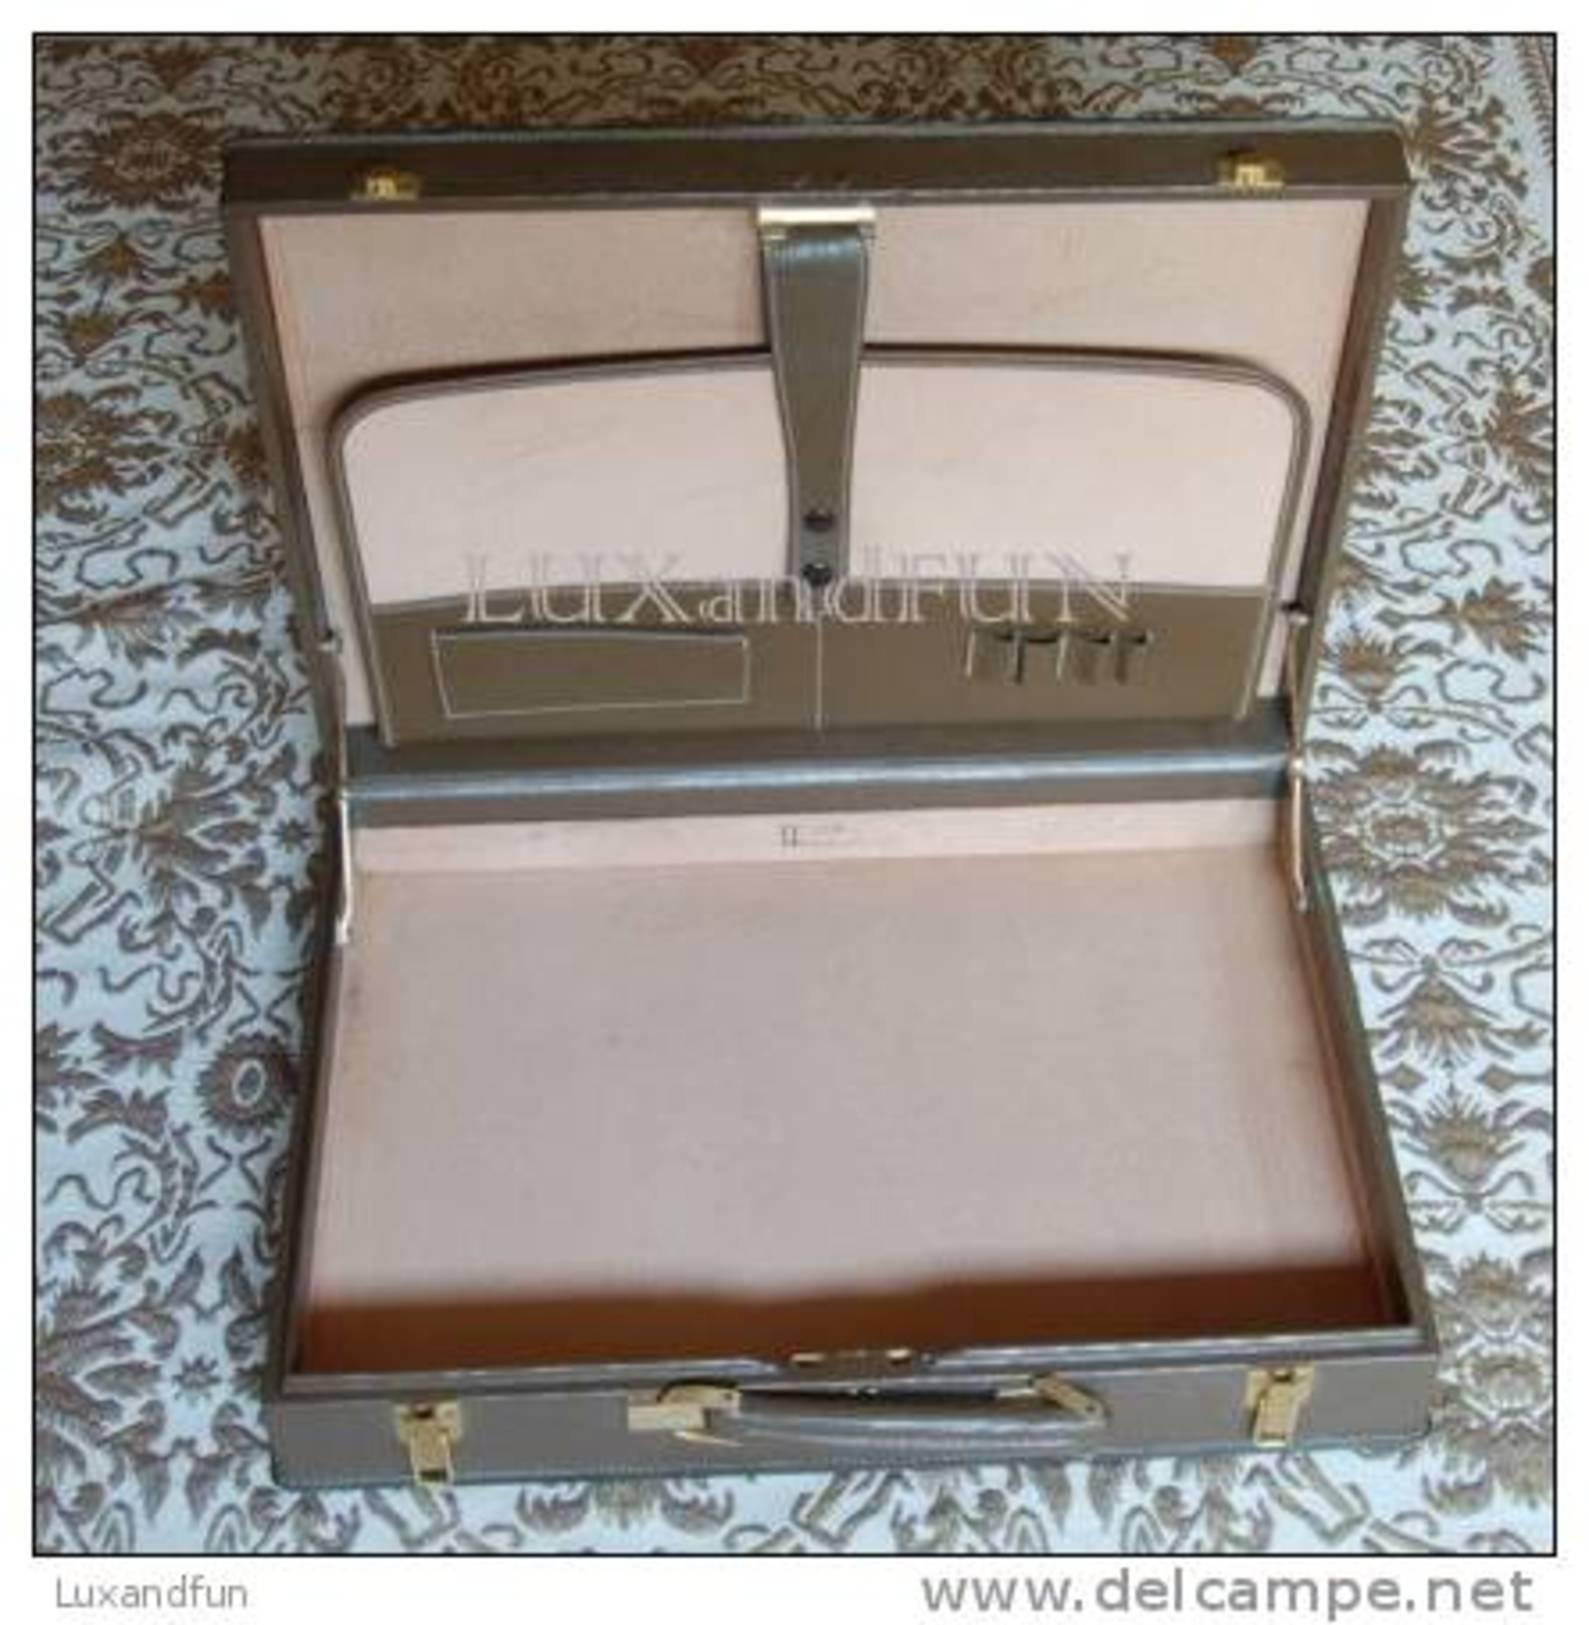 Fendi Valigia Cartella 24 Ore - Anni '70 Mai Usata - Suitcase 24 Hours From '70s - Never Used - Altre Collezioni